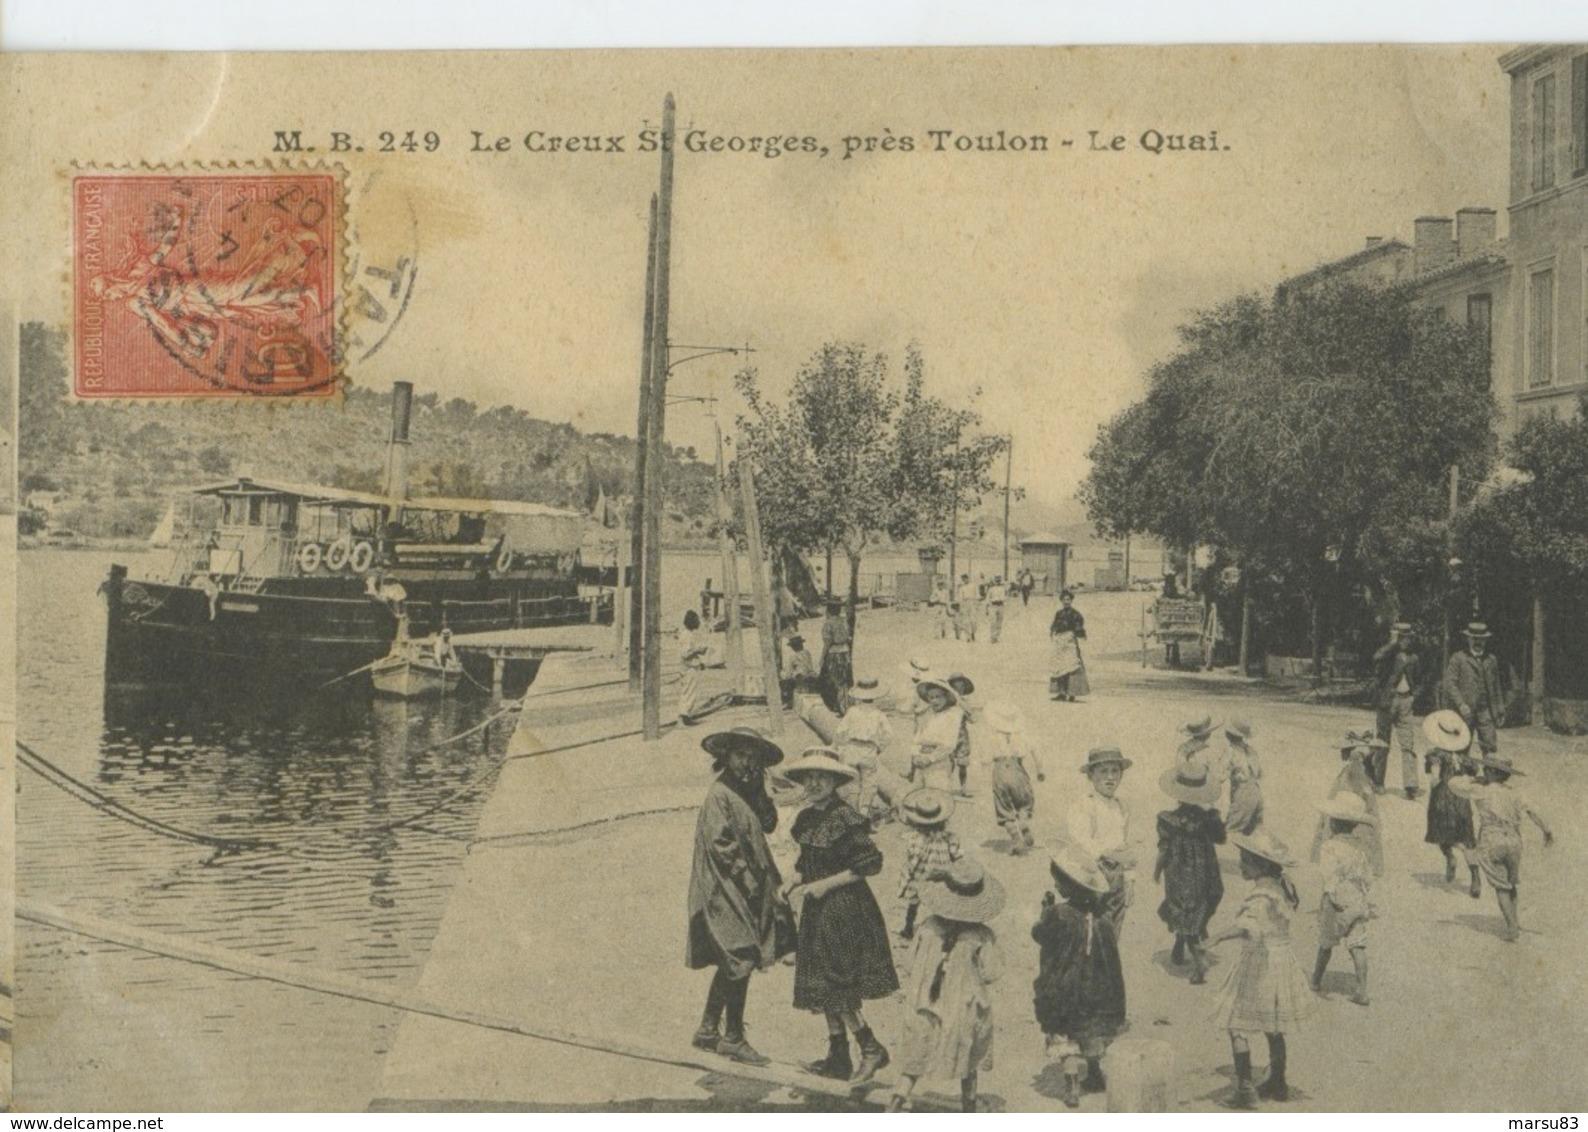 Saint-Mandrier- Creux Saint-Georges- Le Quai ***Magnifique Cpa De 1907 Pas Courante *** Ed.M.B N° 249 - Saint-Mandrier-sur-Mer